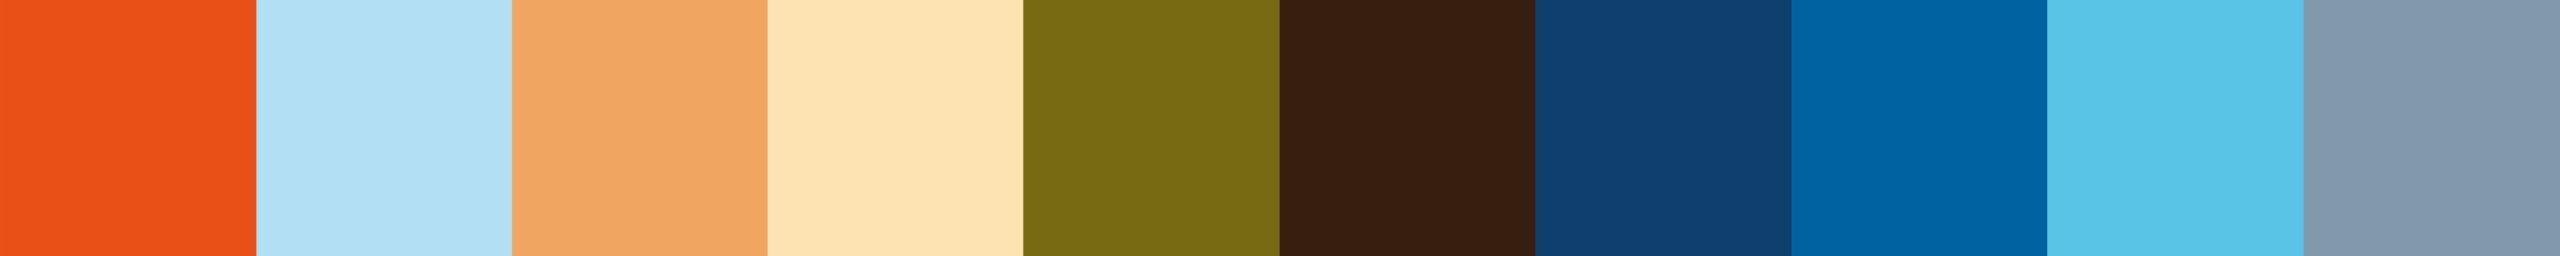 279 Ohedomia Color Palette